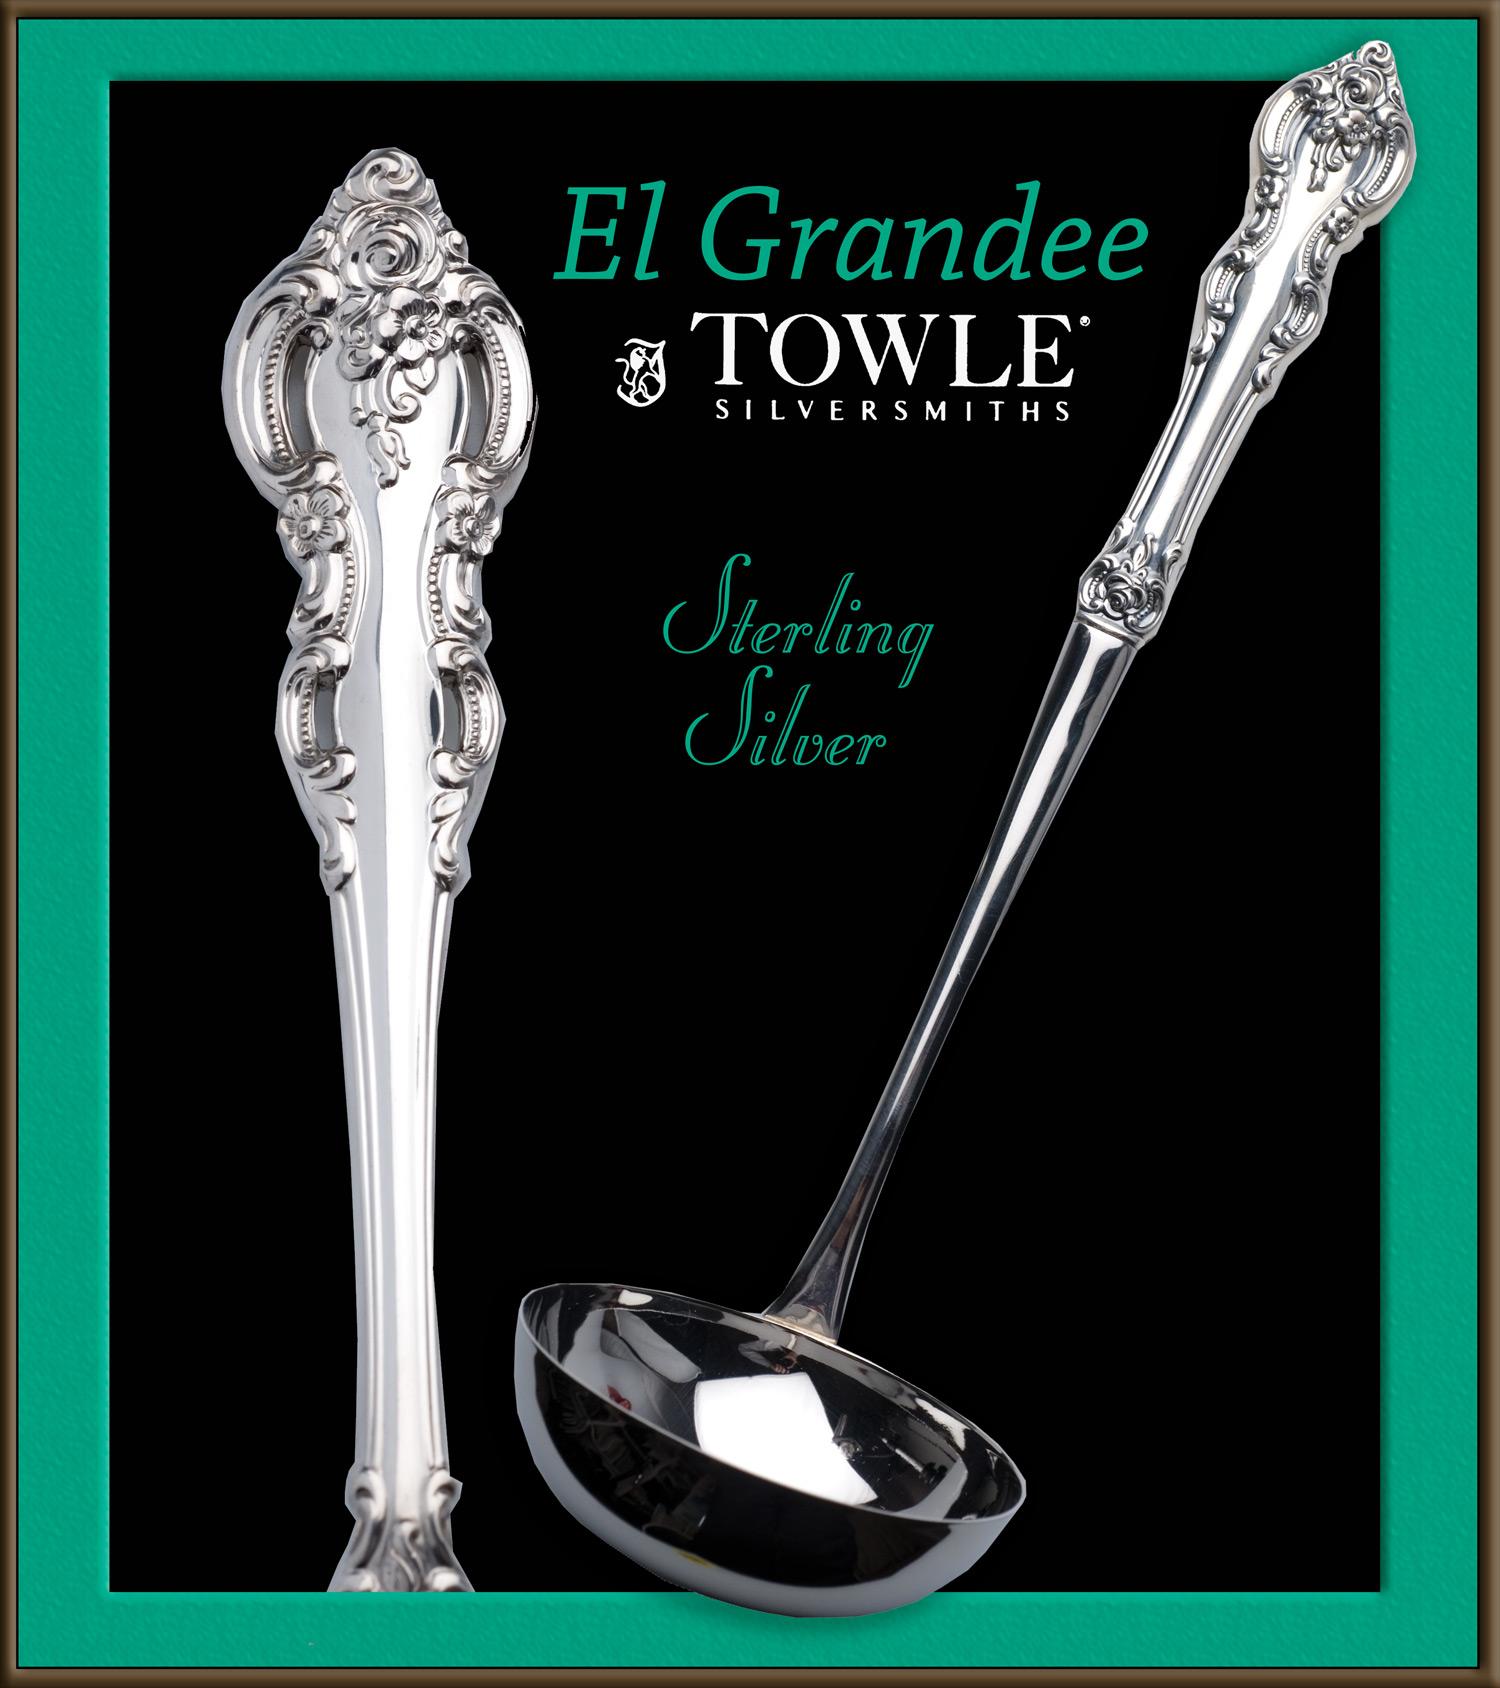 El Grandee by Towle